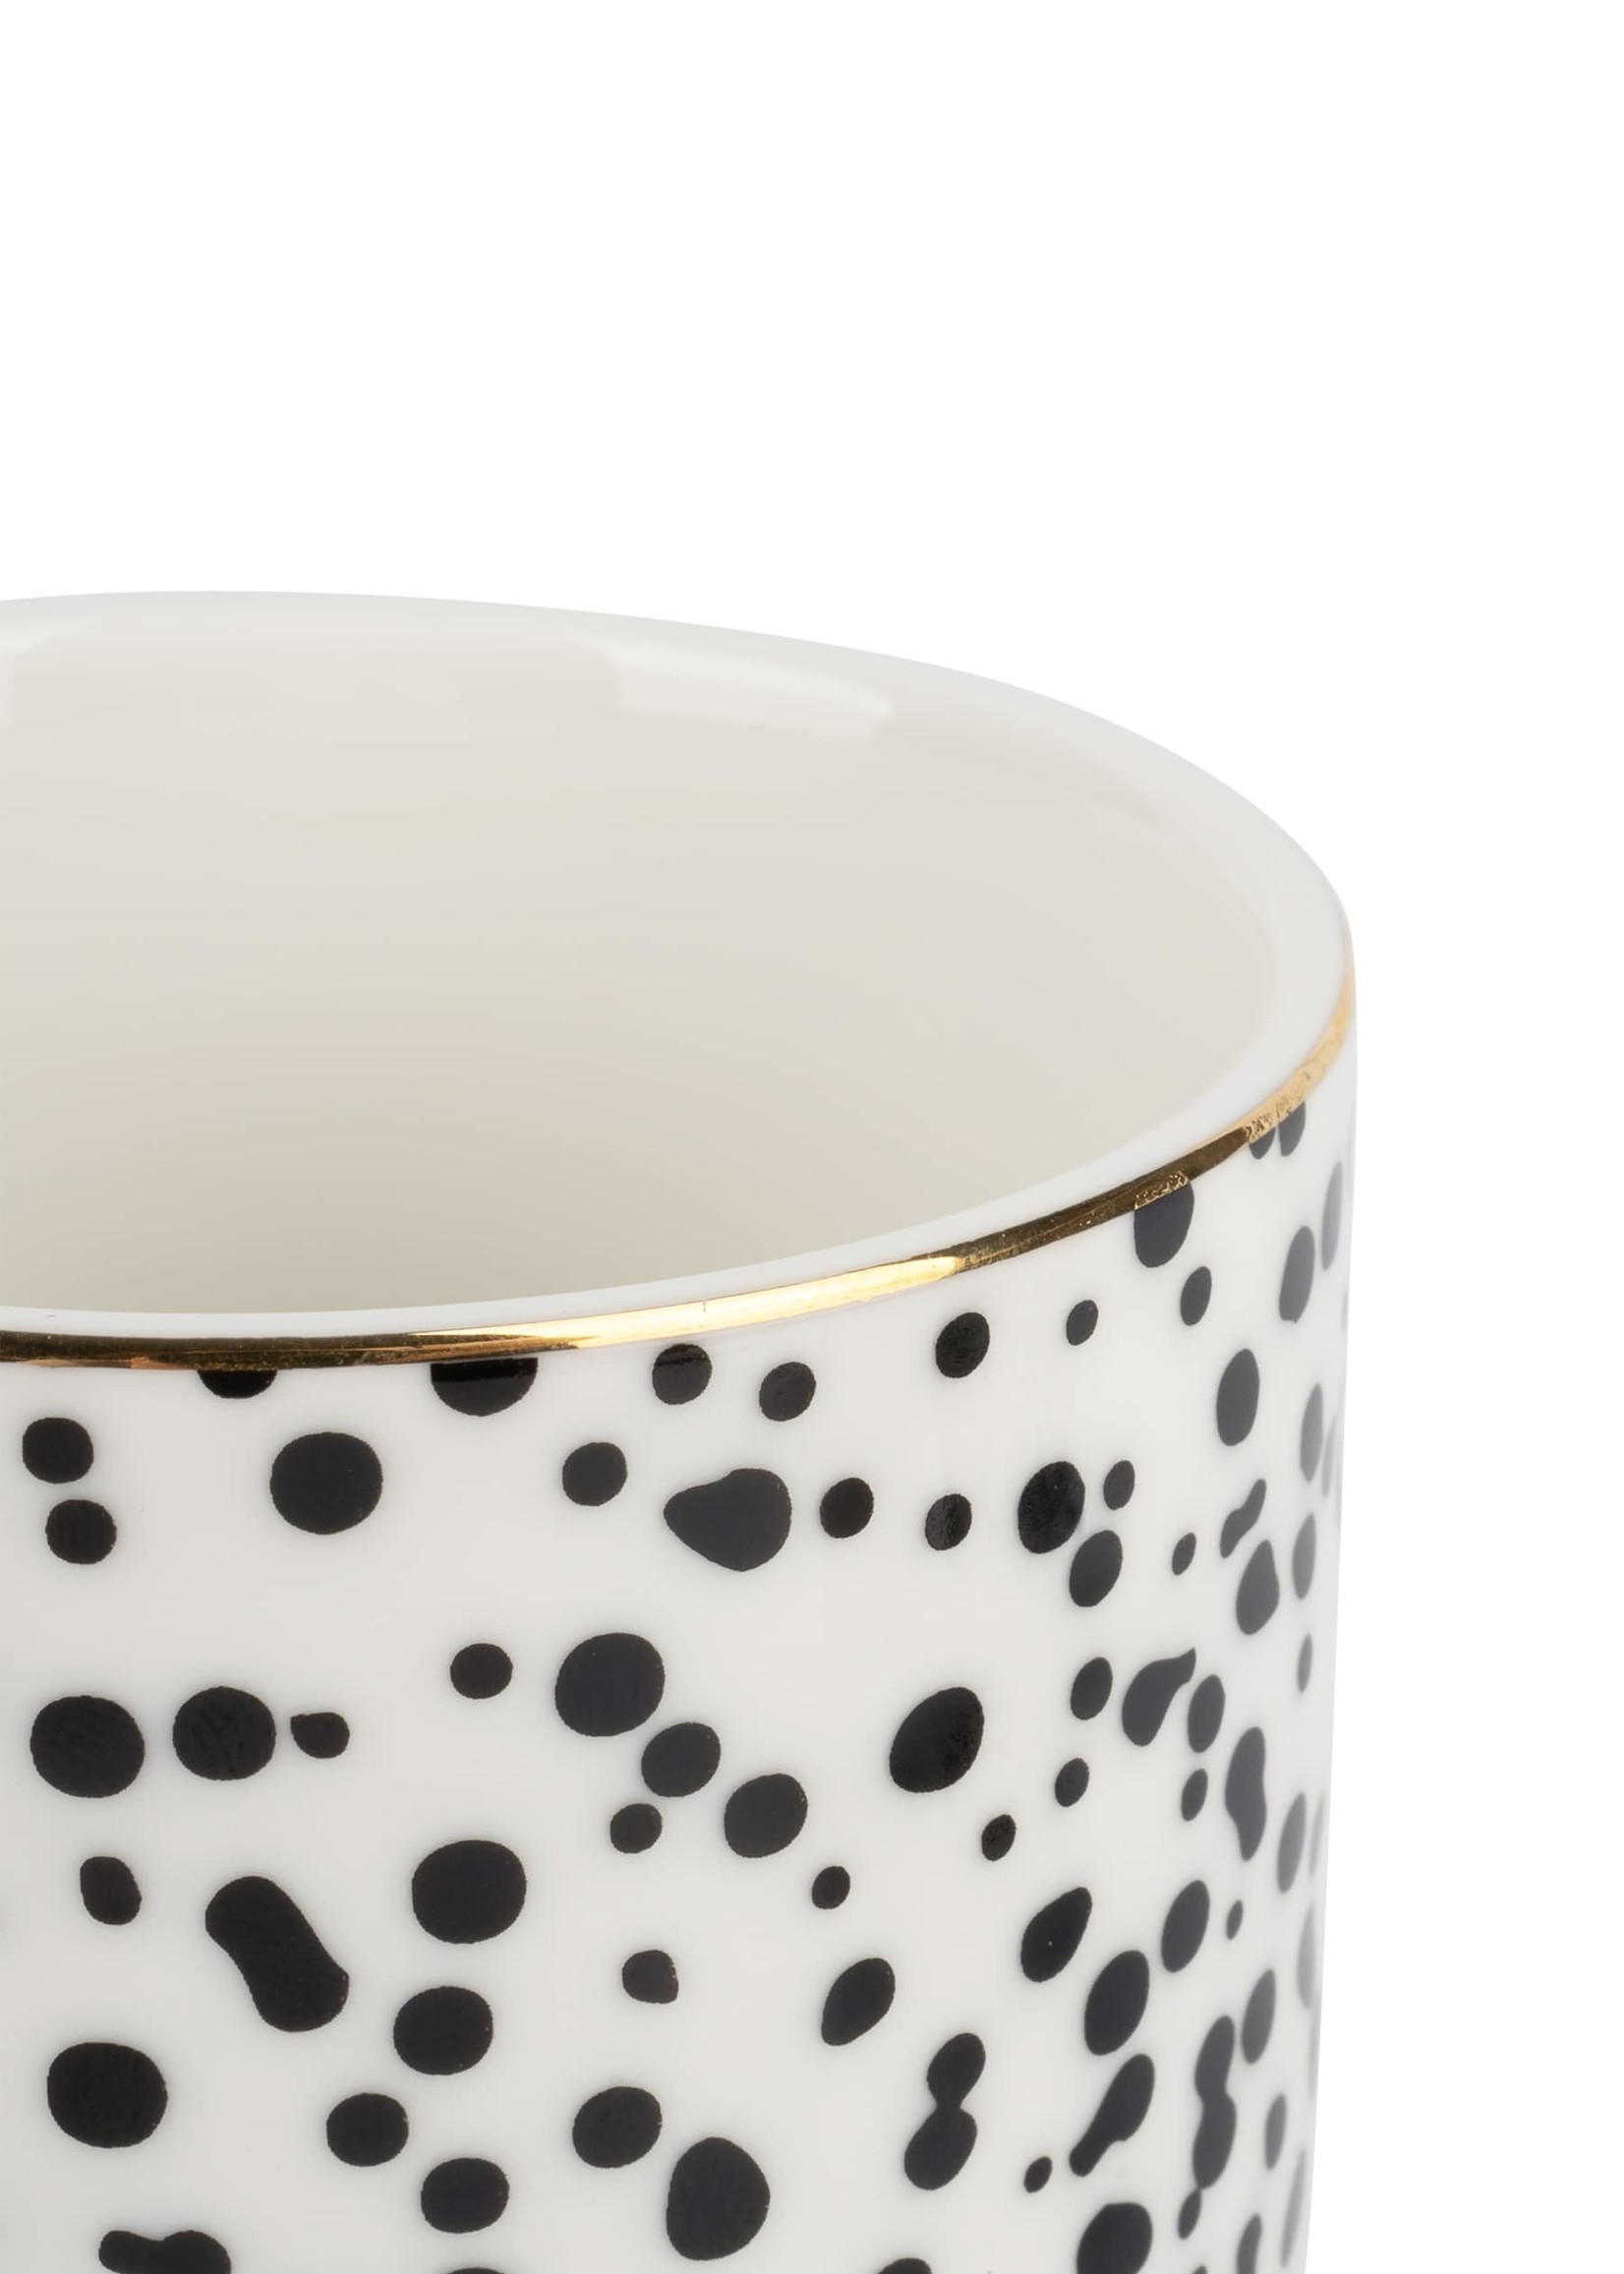 ZUSSS espressokopje spikkels/goud